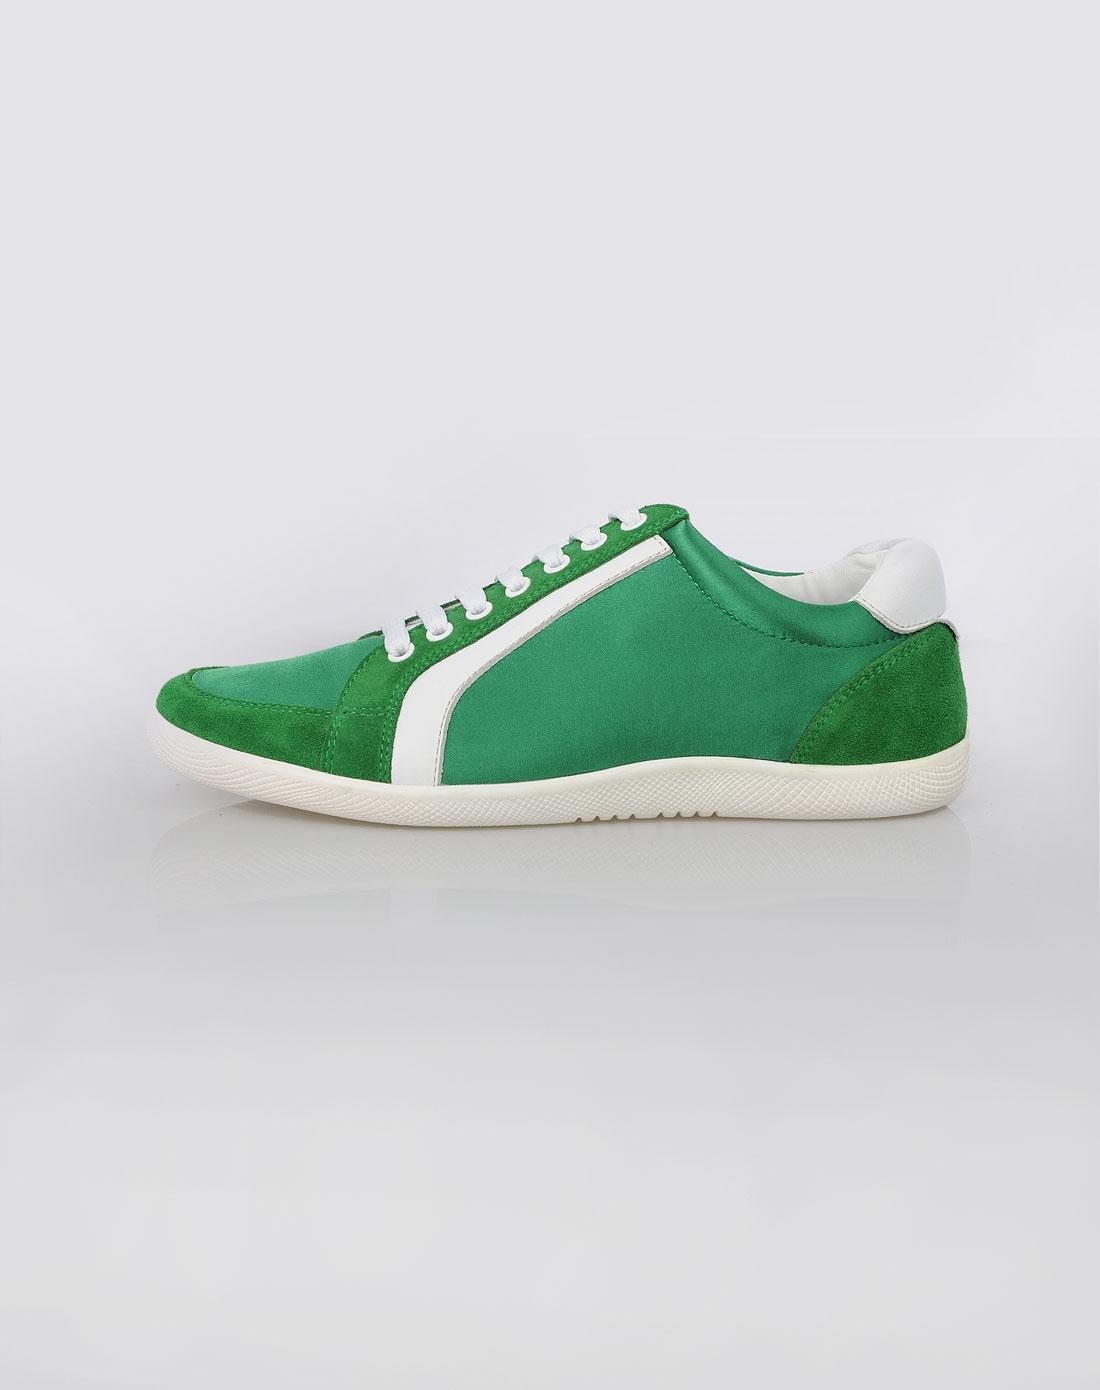 佐丹奴giordano男款绿色时尚休闲鞋